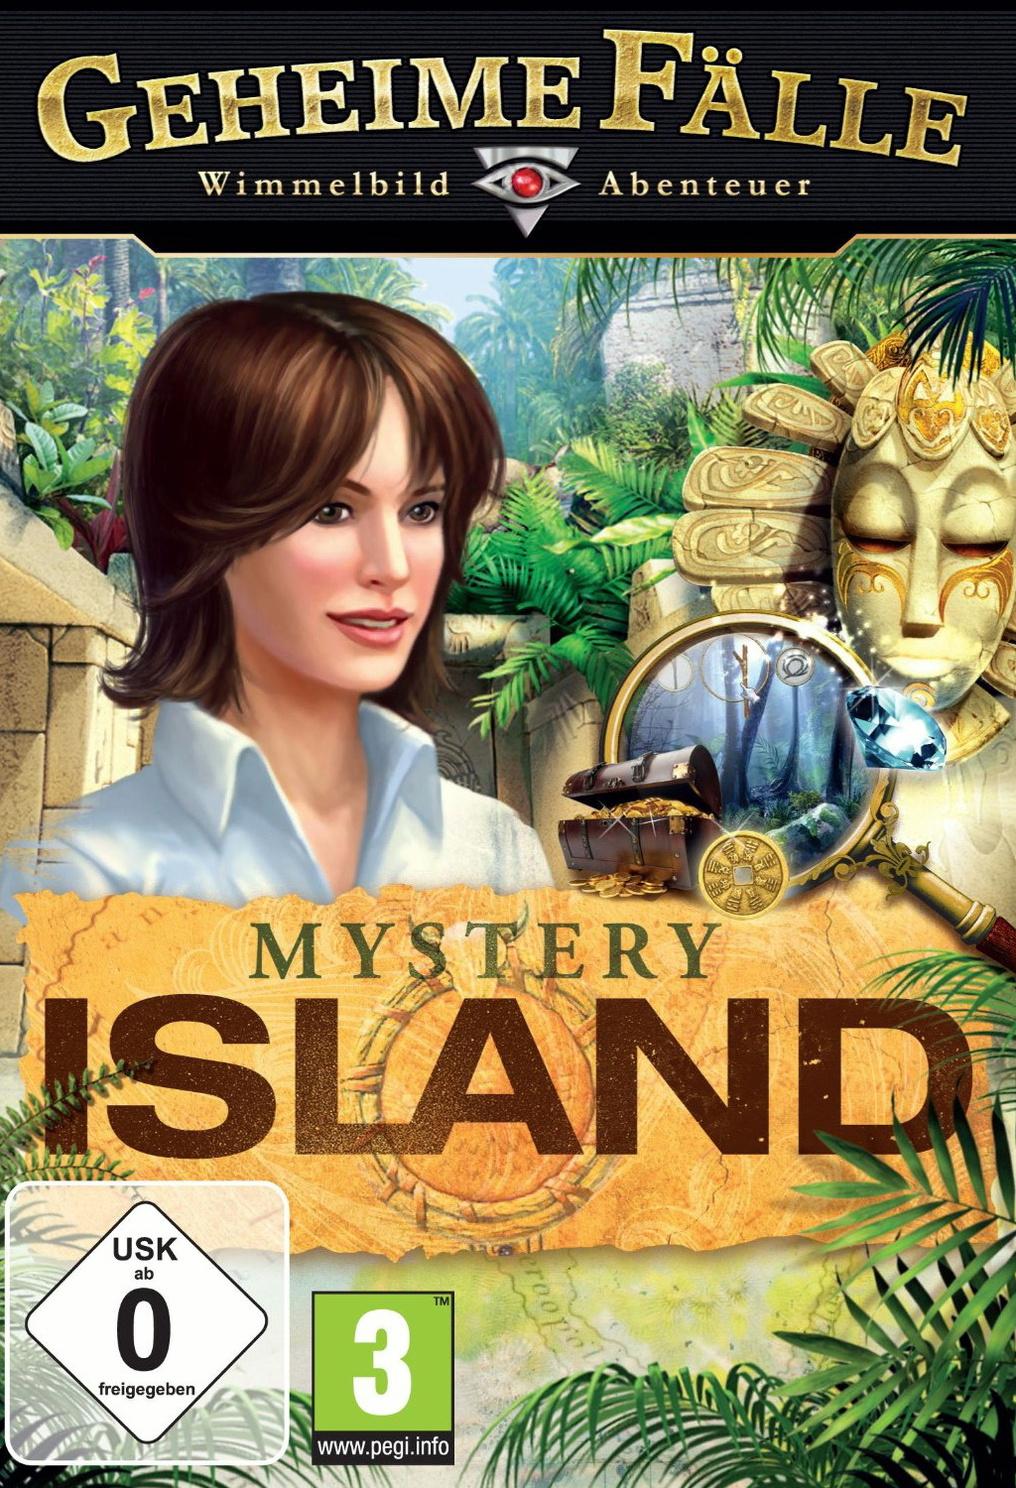 Geheime Fälle: Mystery Island